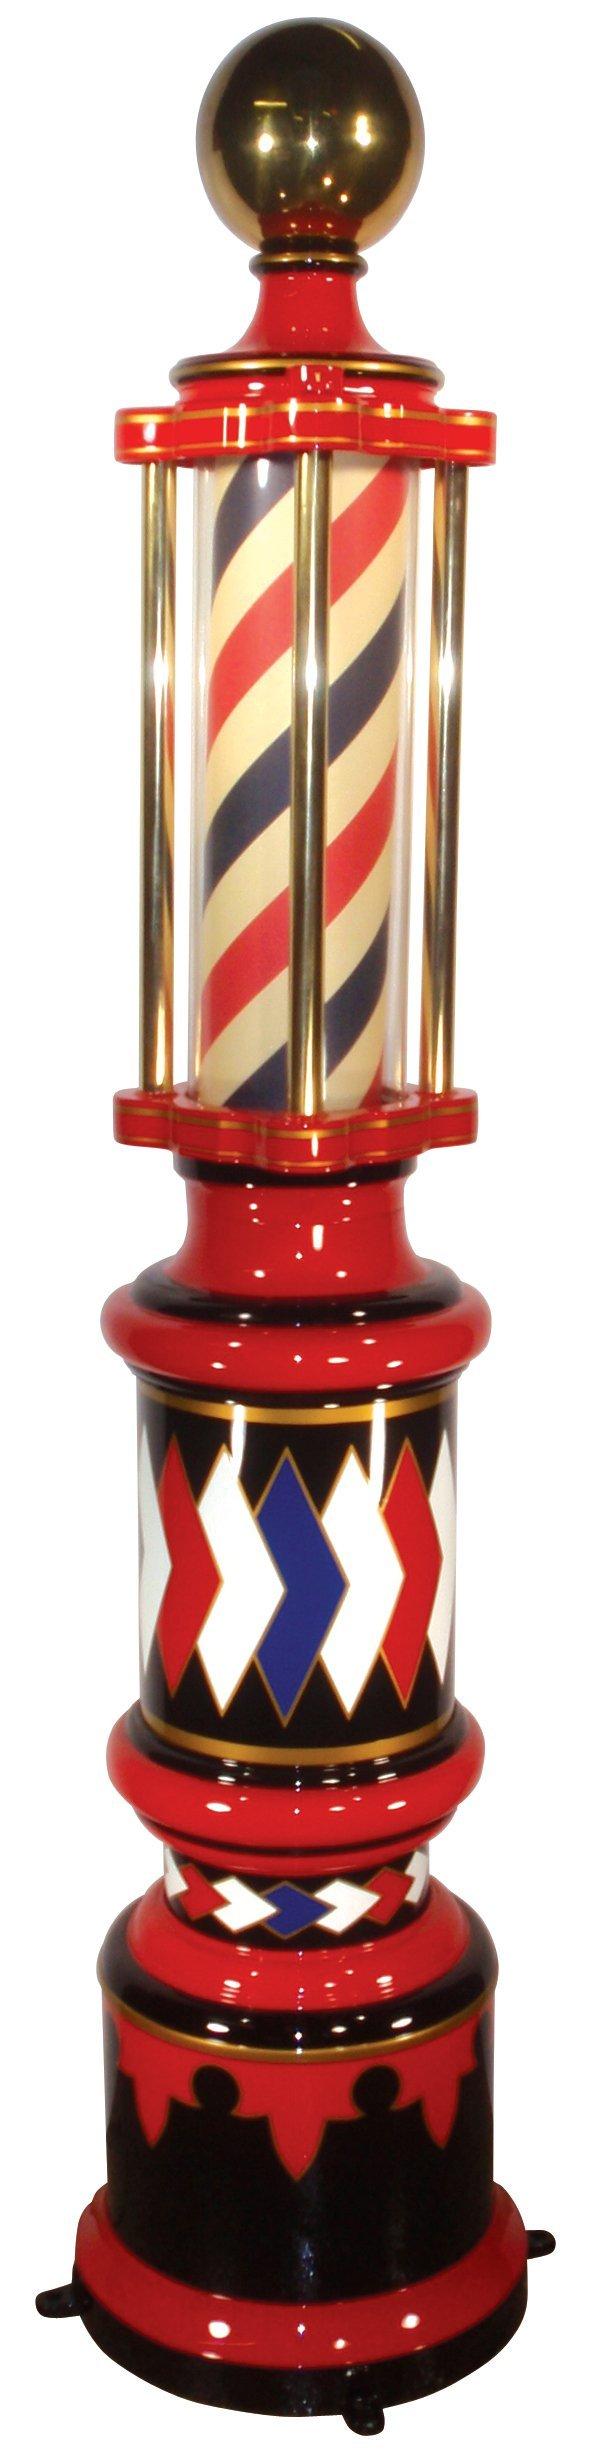 vintage barber pole eBay